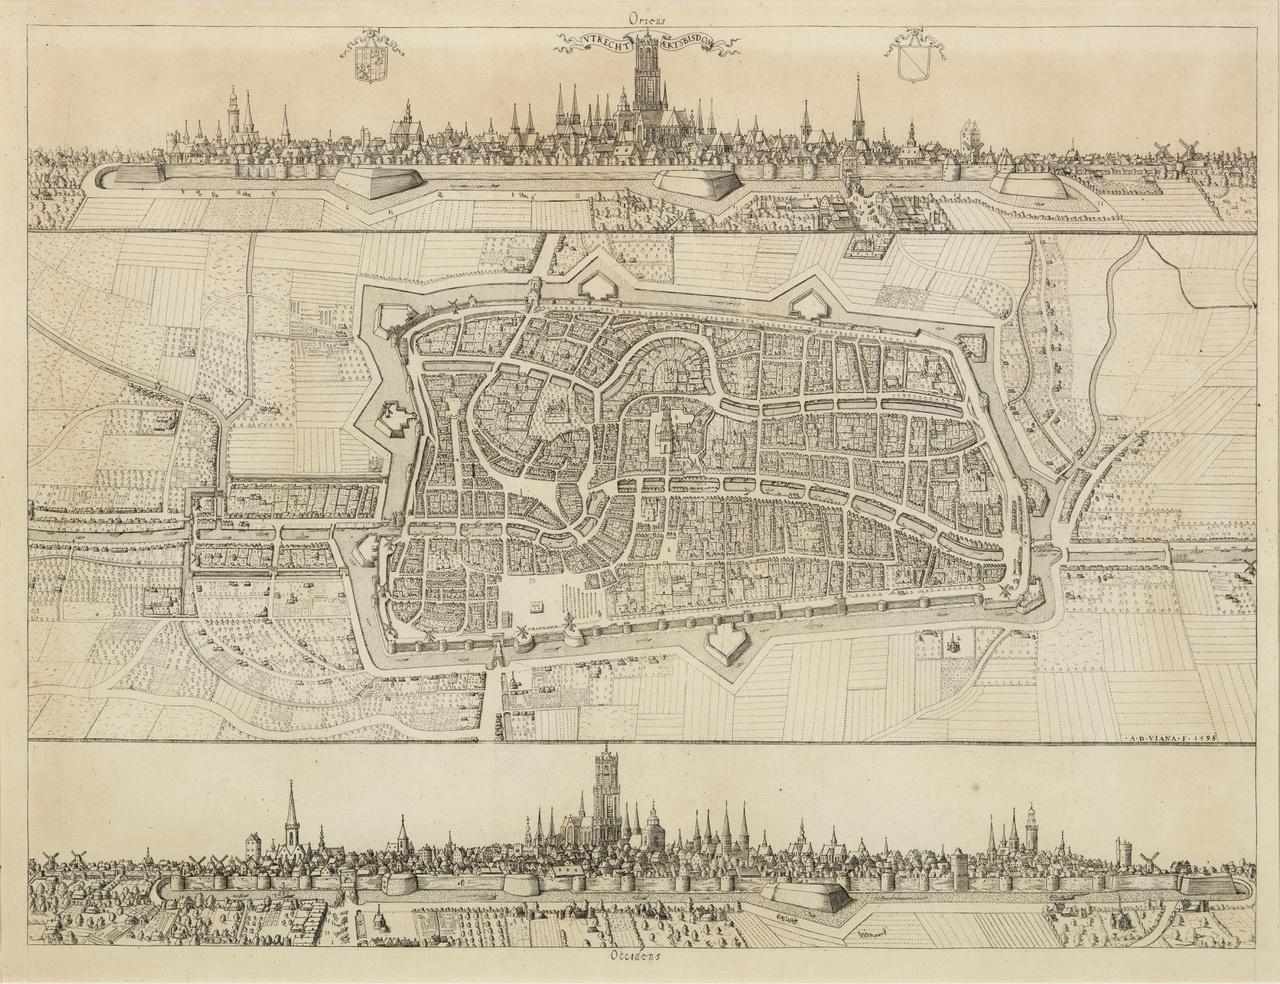 Vtrecht Aertsbisdom. Stadskaart van Utrecht, met gezichten op de oost- en de westzijde van de stad